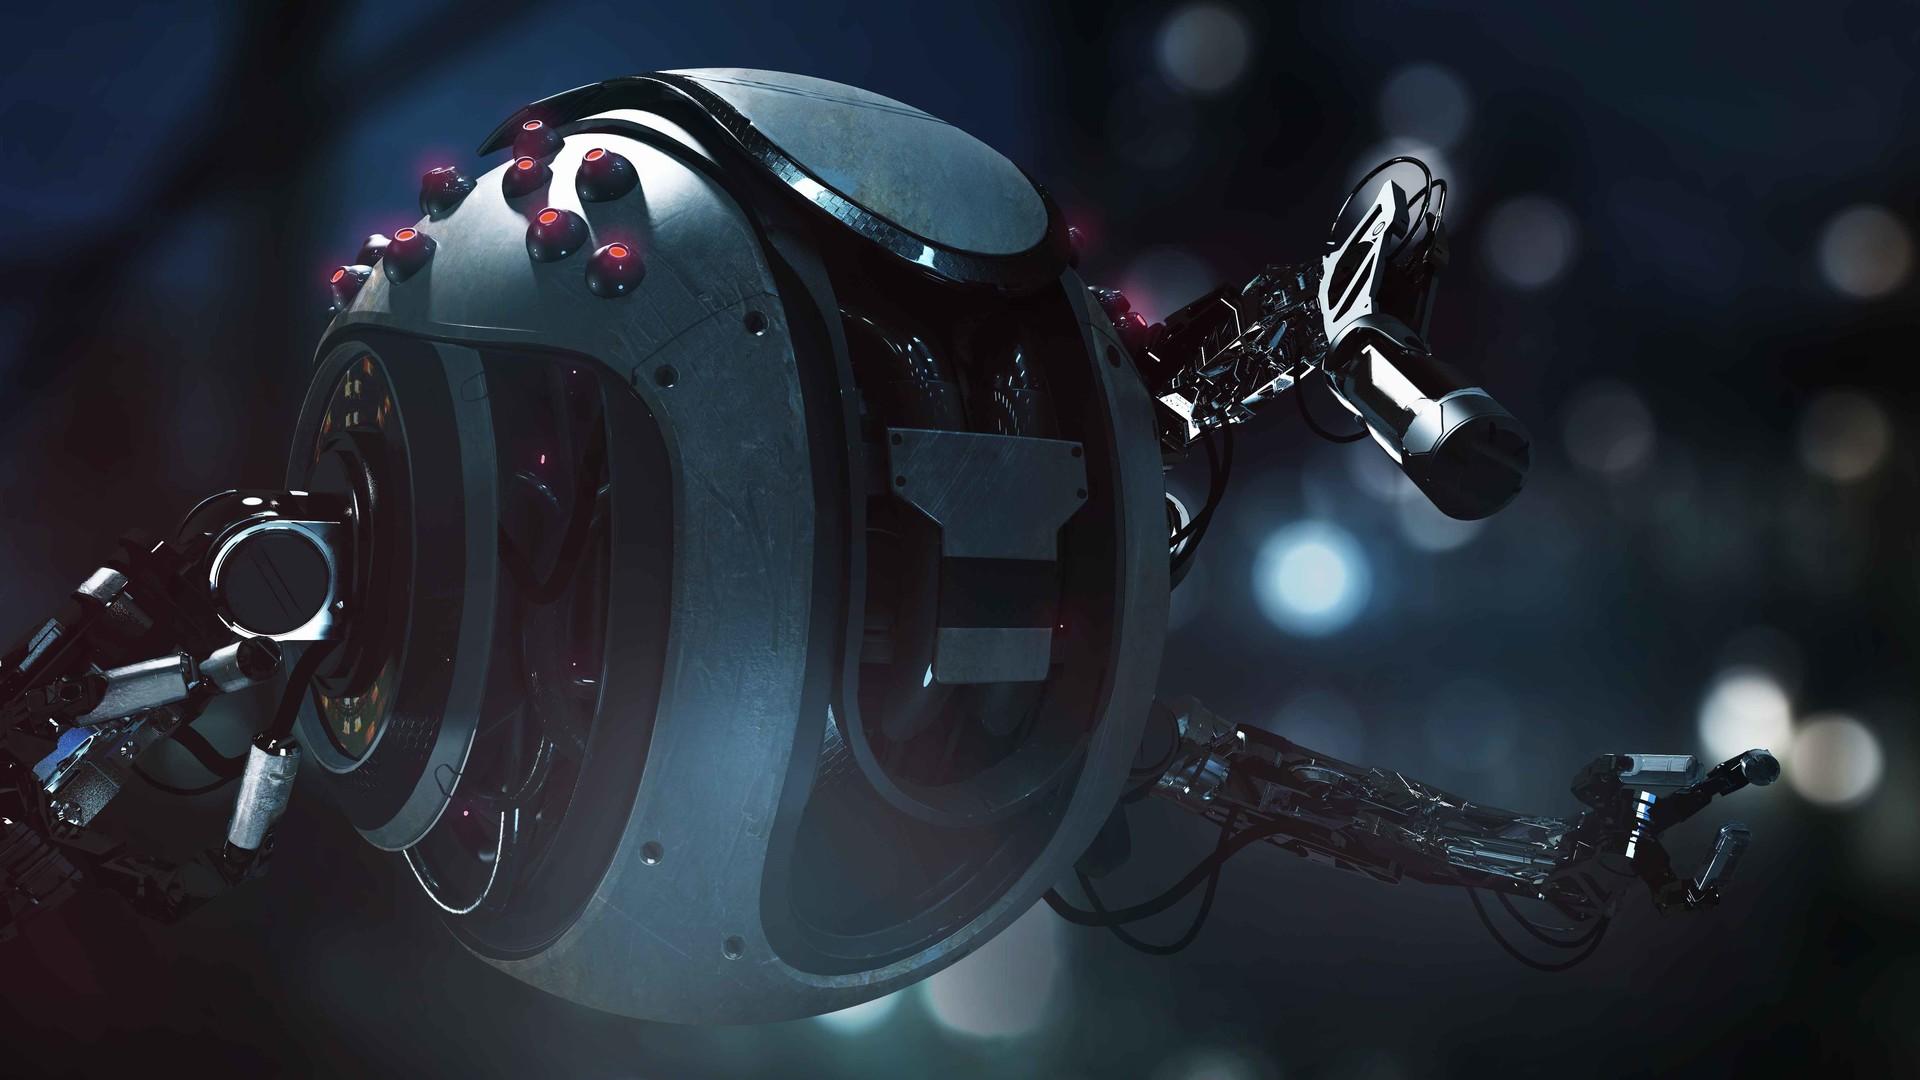 The Digital Sci-Fi Art of Ronan Berlese